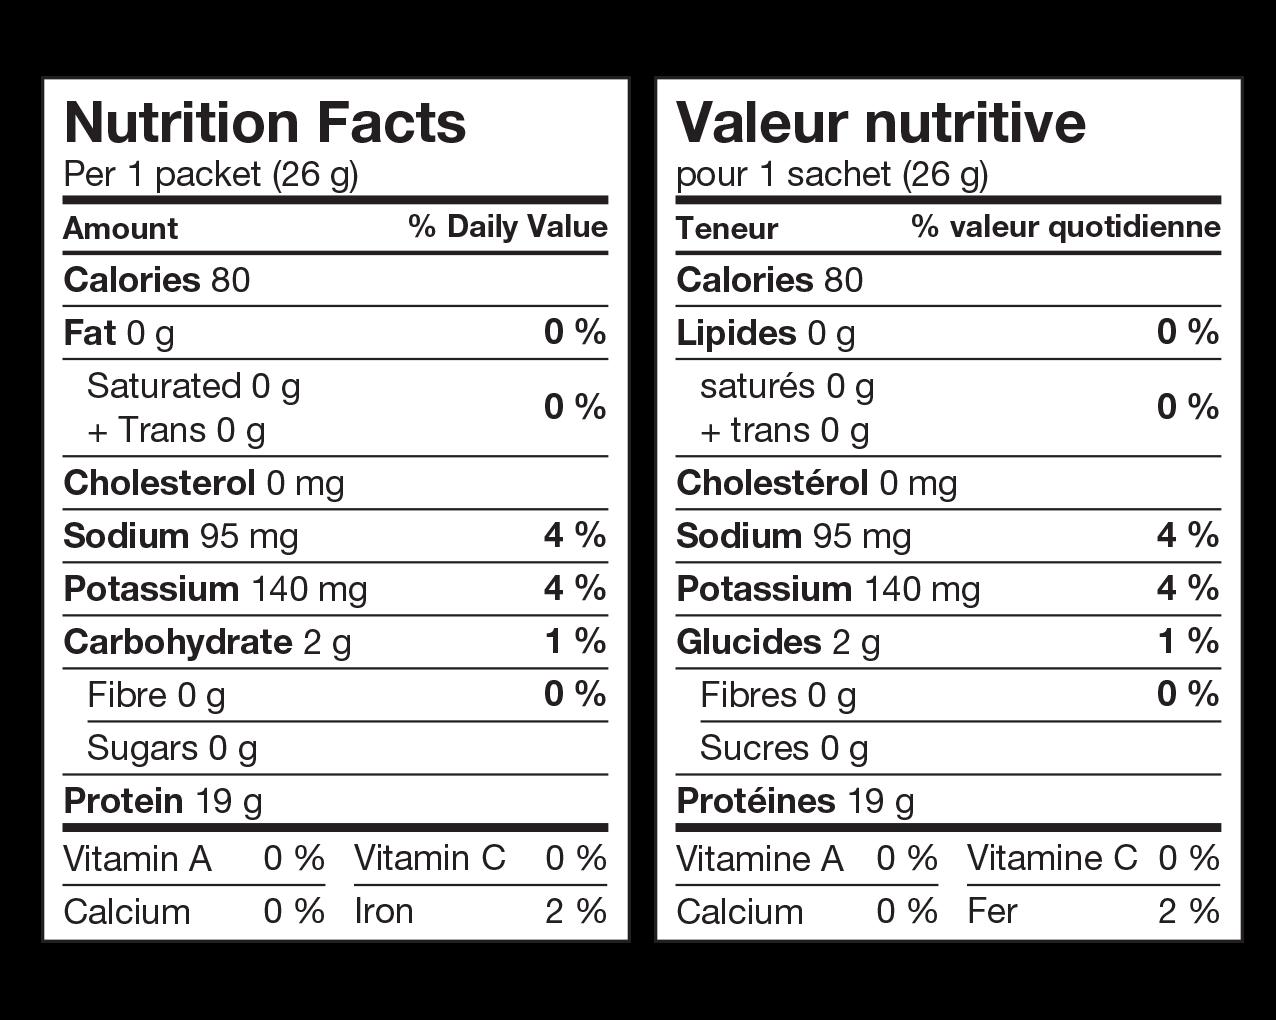 Ideal Protein Préparation Pour Gelée Aux Framboises Valeur Nutritive